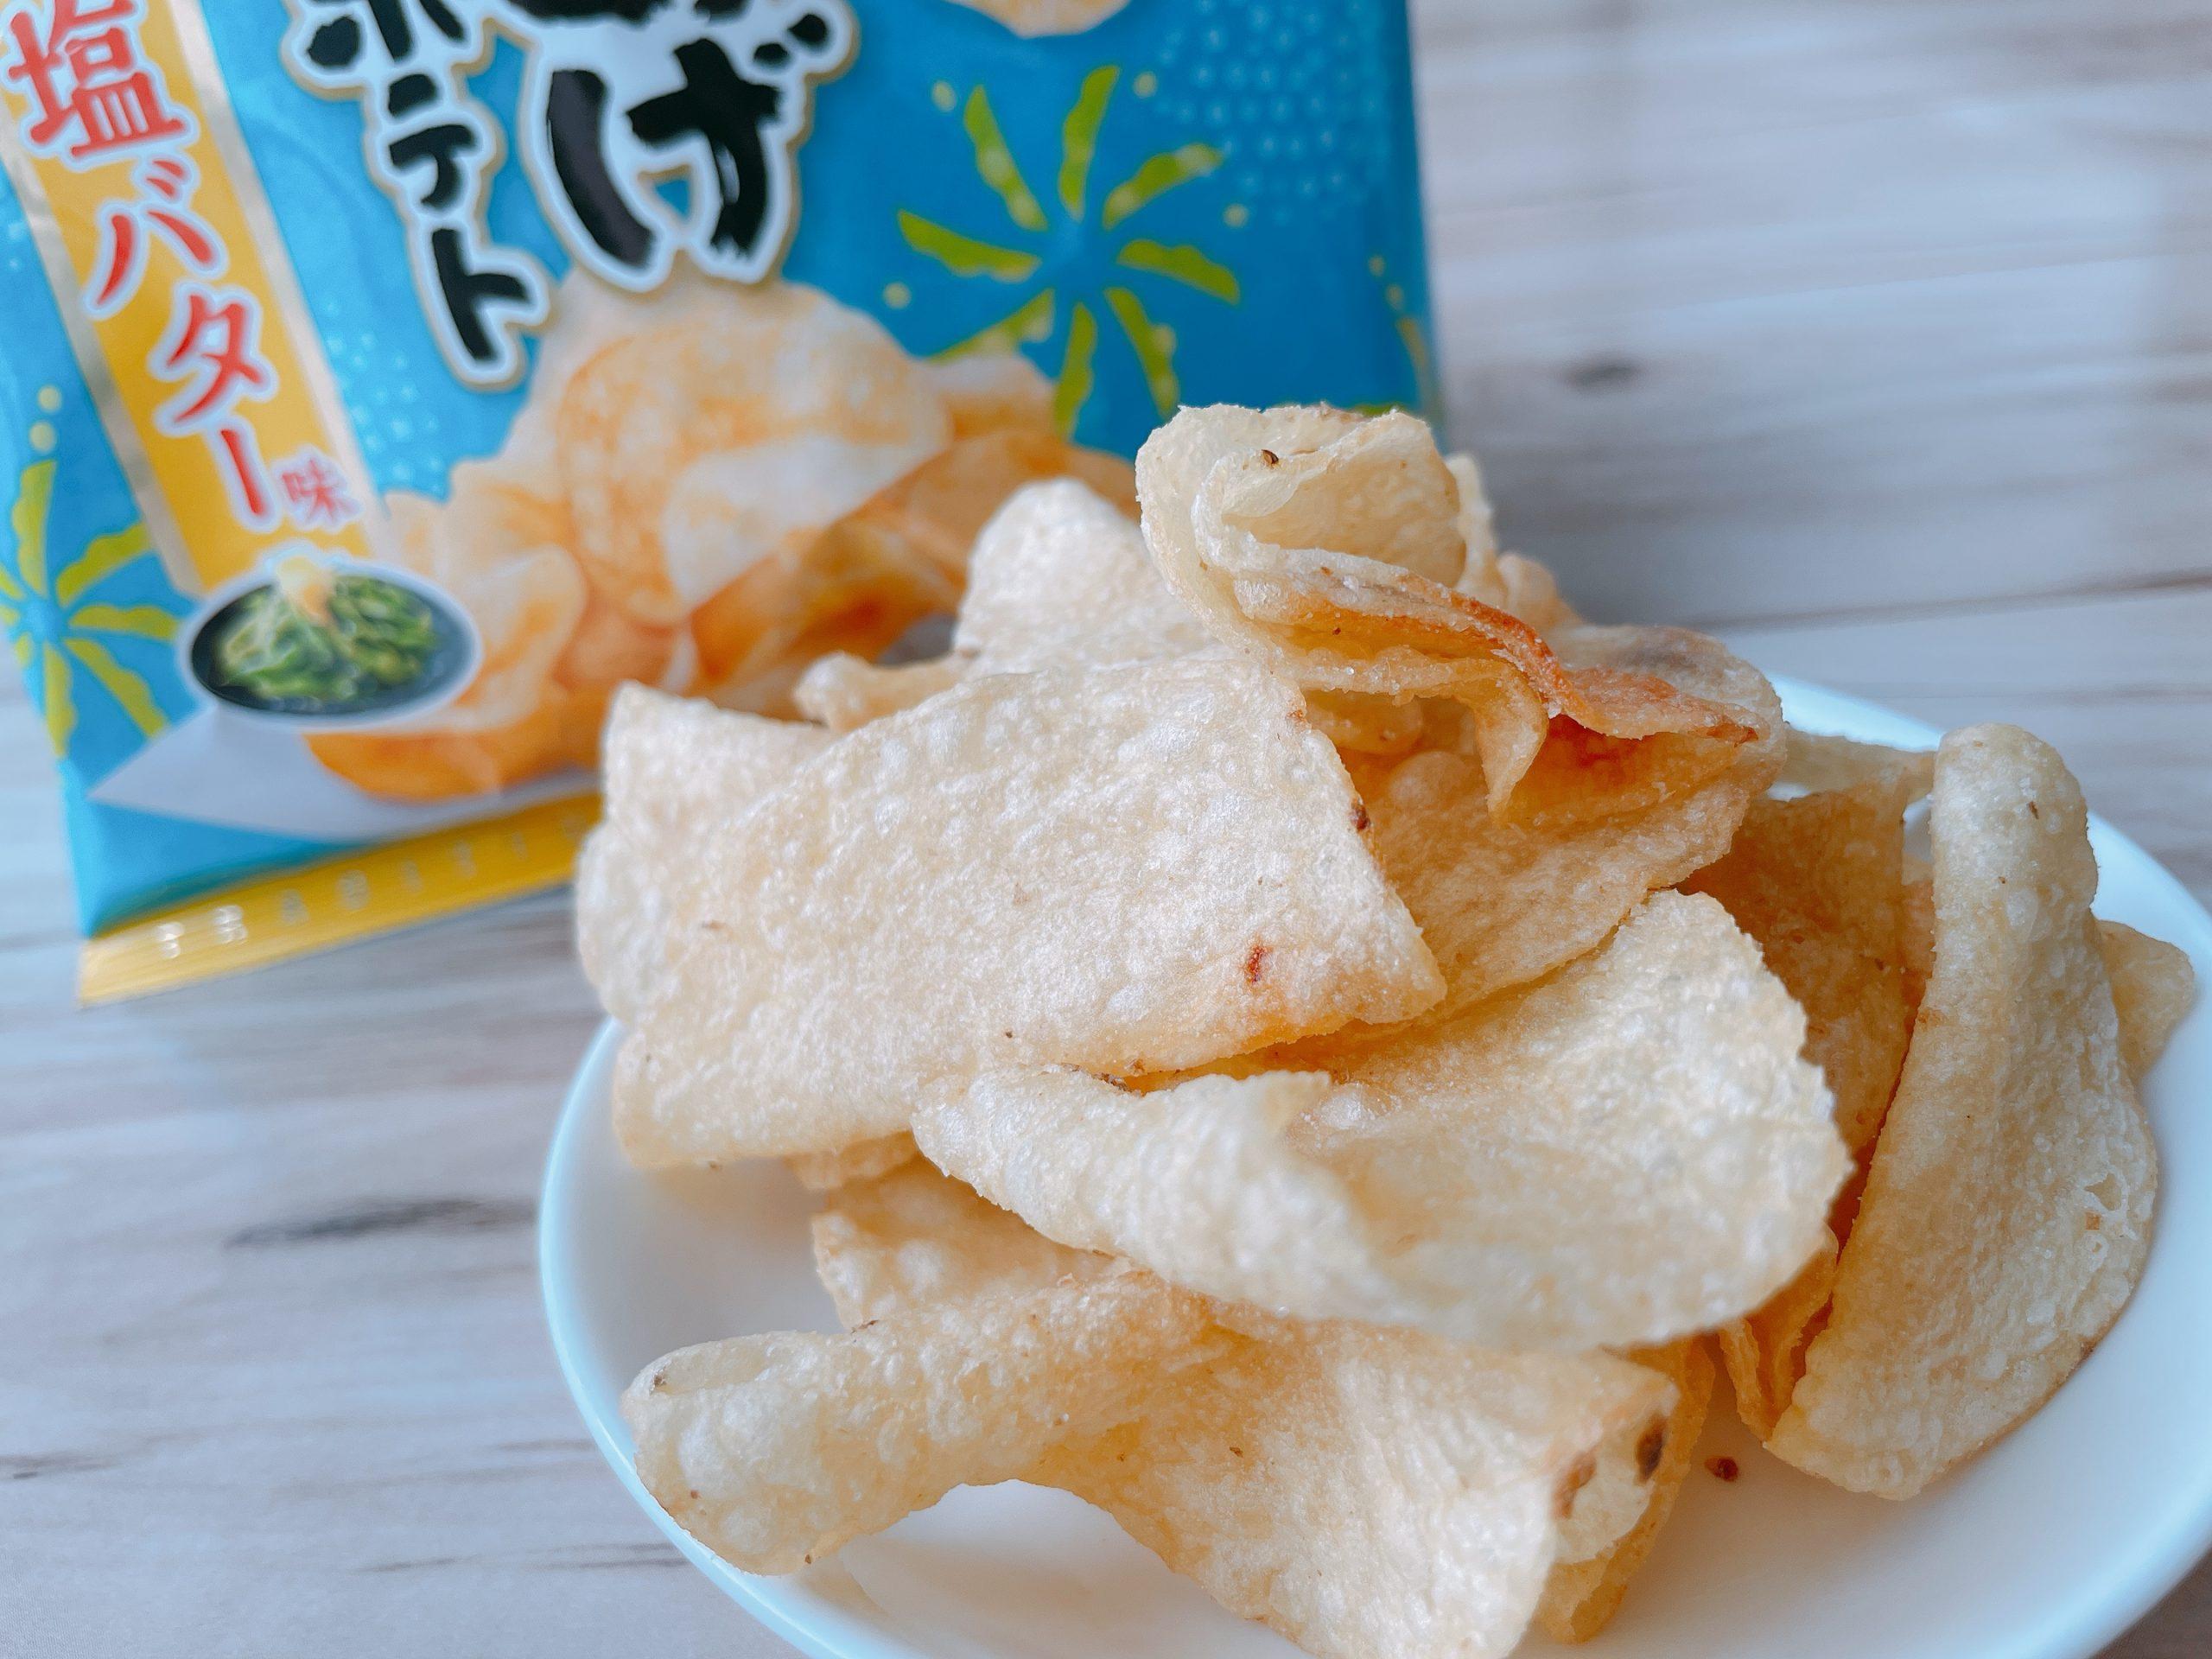 堅あげポテト<枝豆塩バター味>